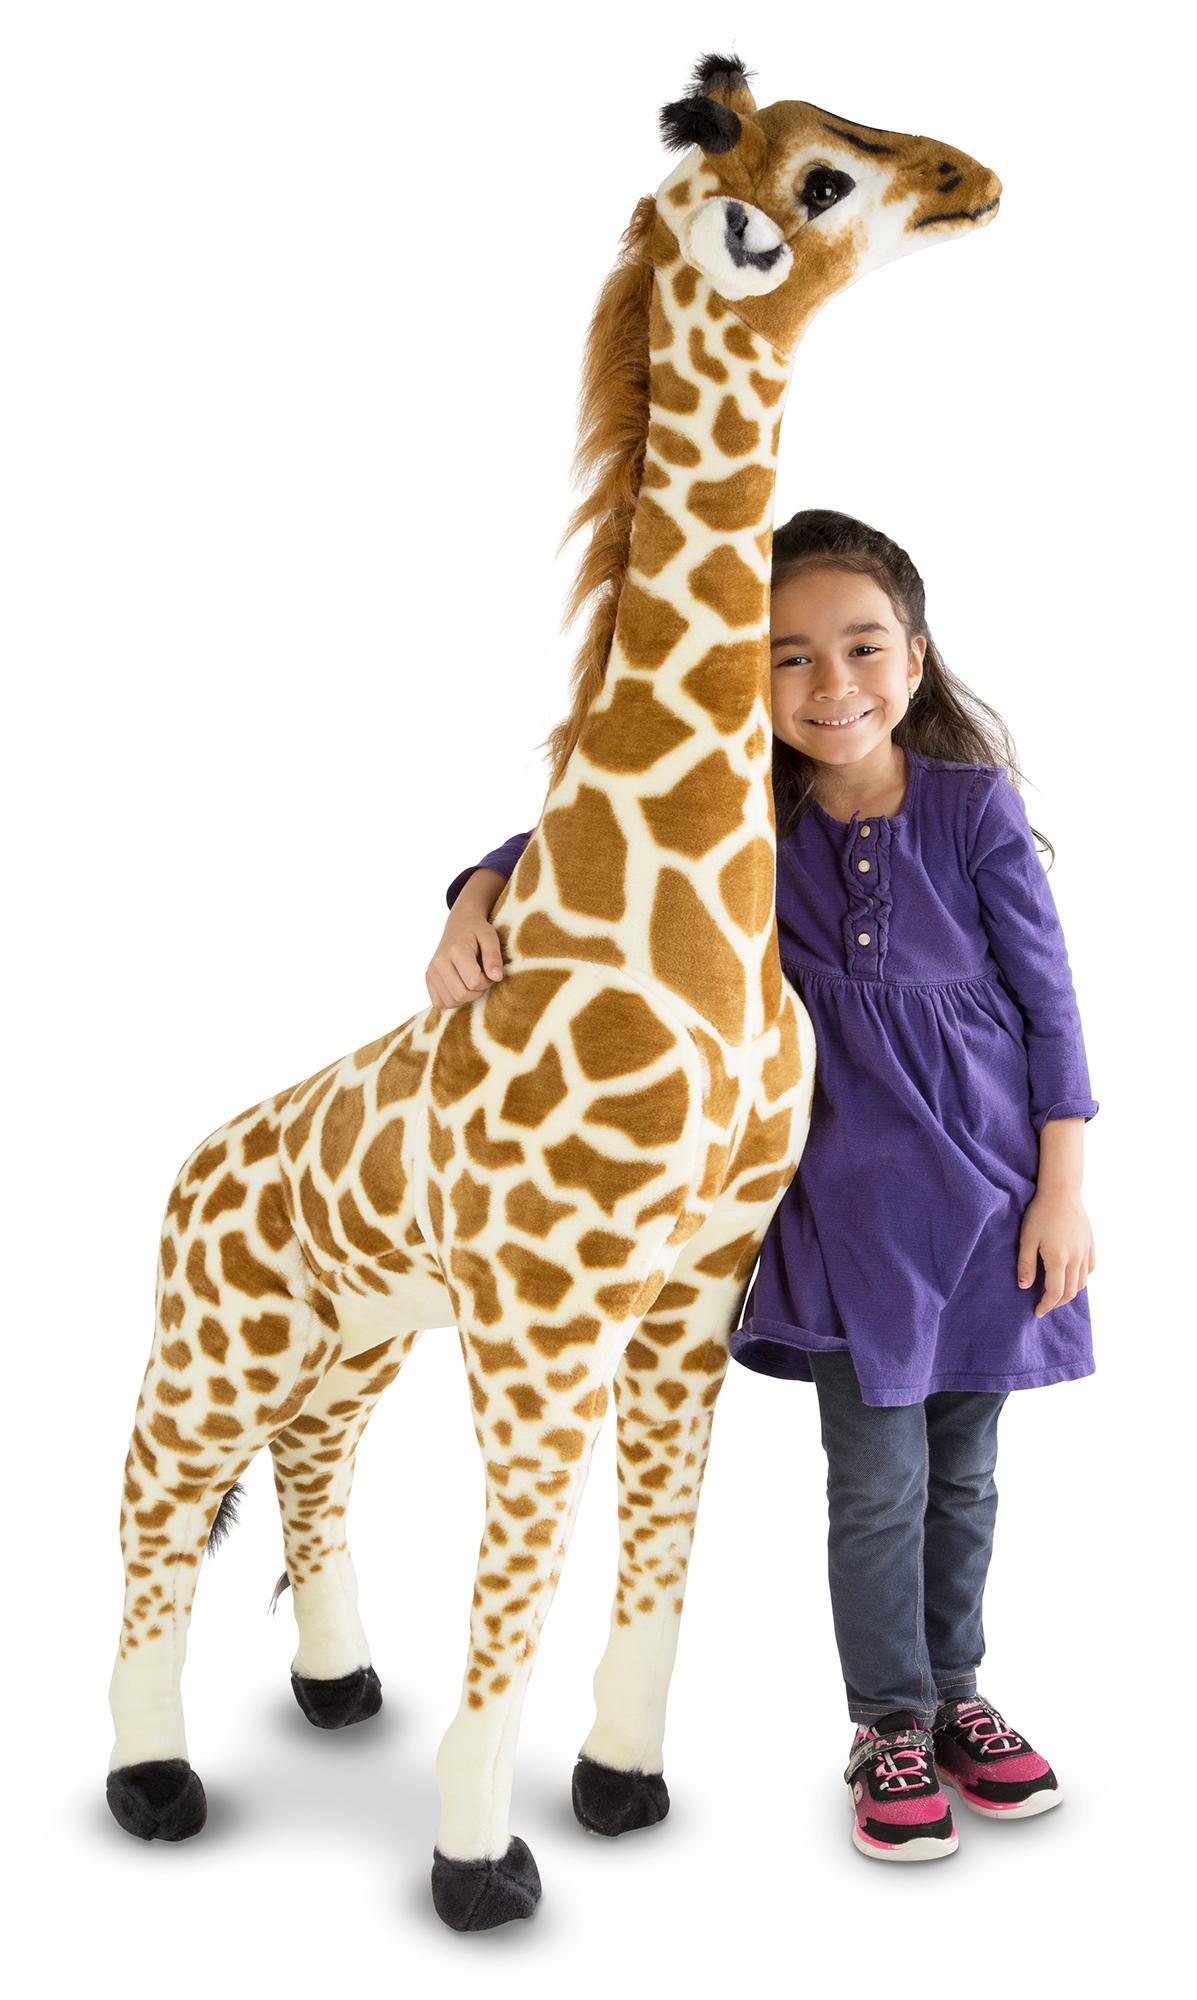 Melissa Amp Doug Giant Giraffe Lifelike Stuffed Animal